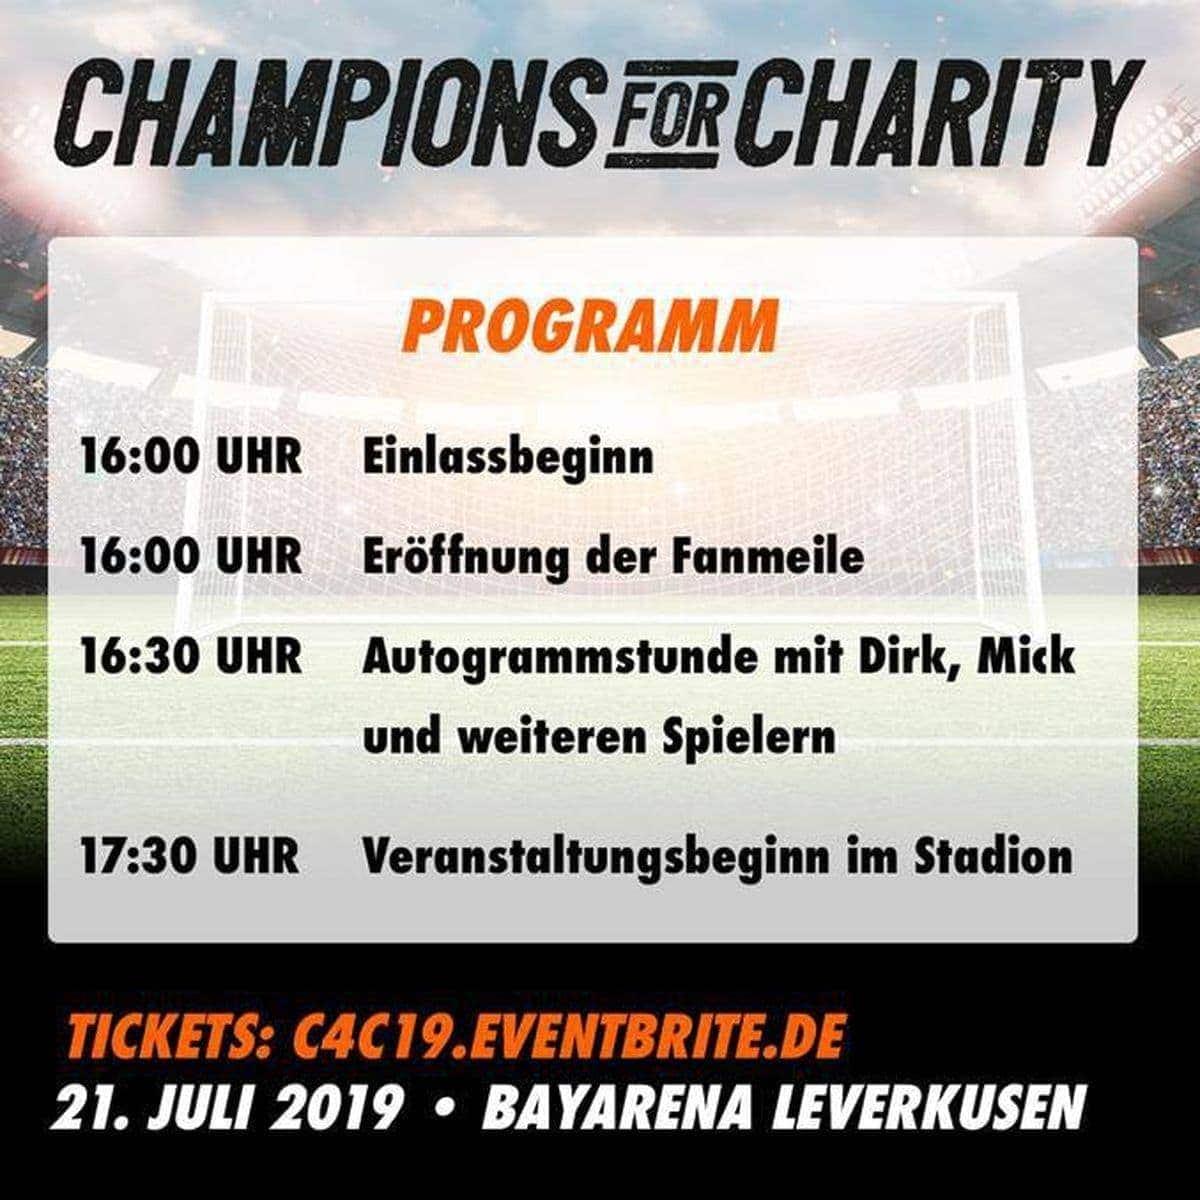 Mit ING und wihel.de zum Charity-Fußballspiel des Jahres: Champions for Charity | sponsored Posts | Was is hier eigentlich los?